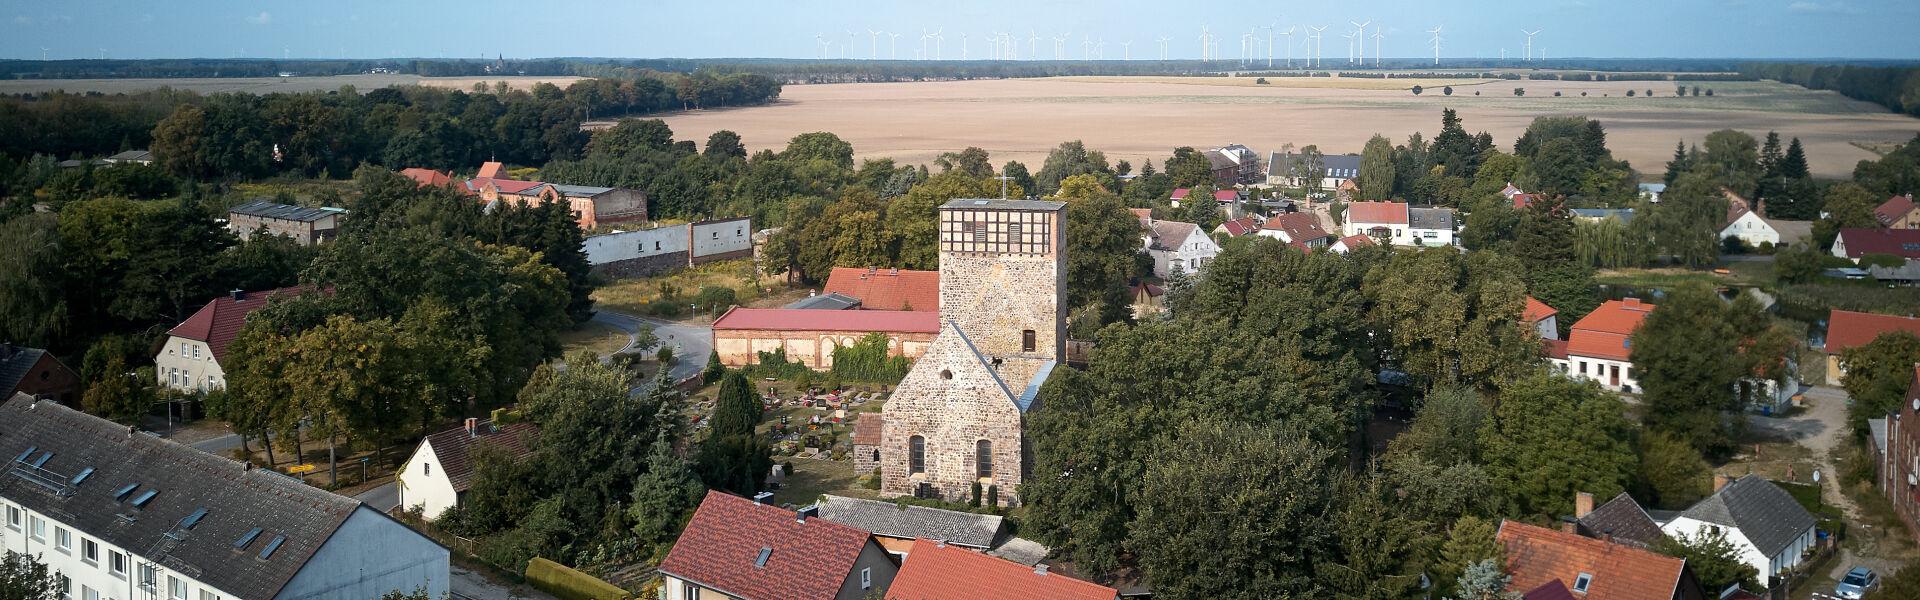 Luftbild Beiersdorf